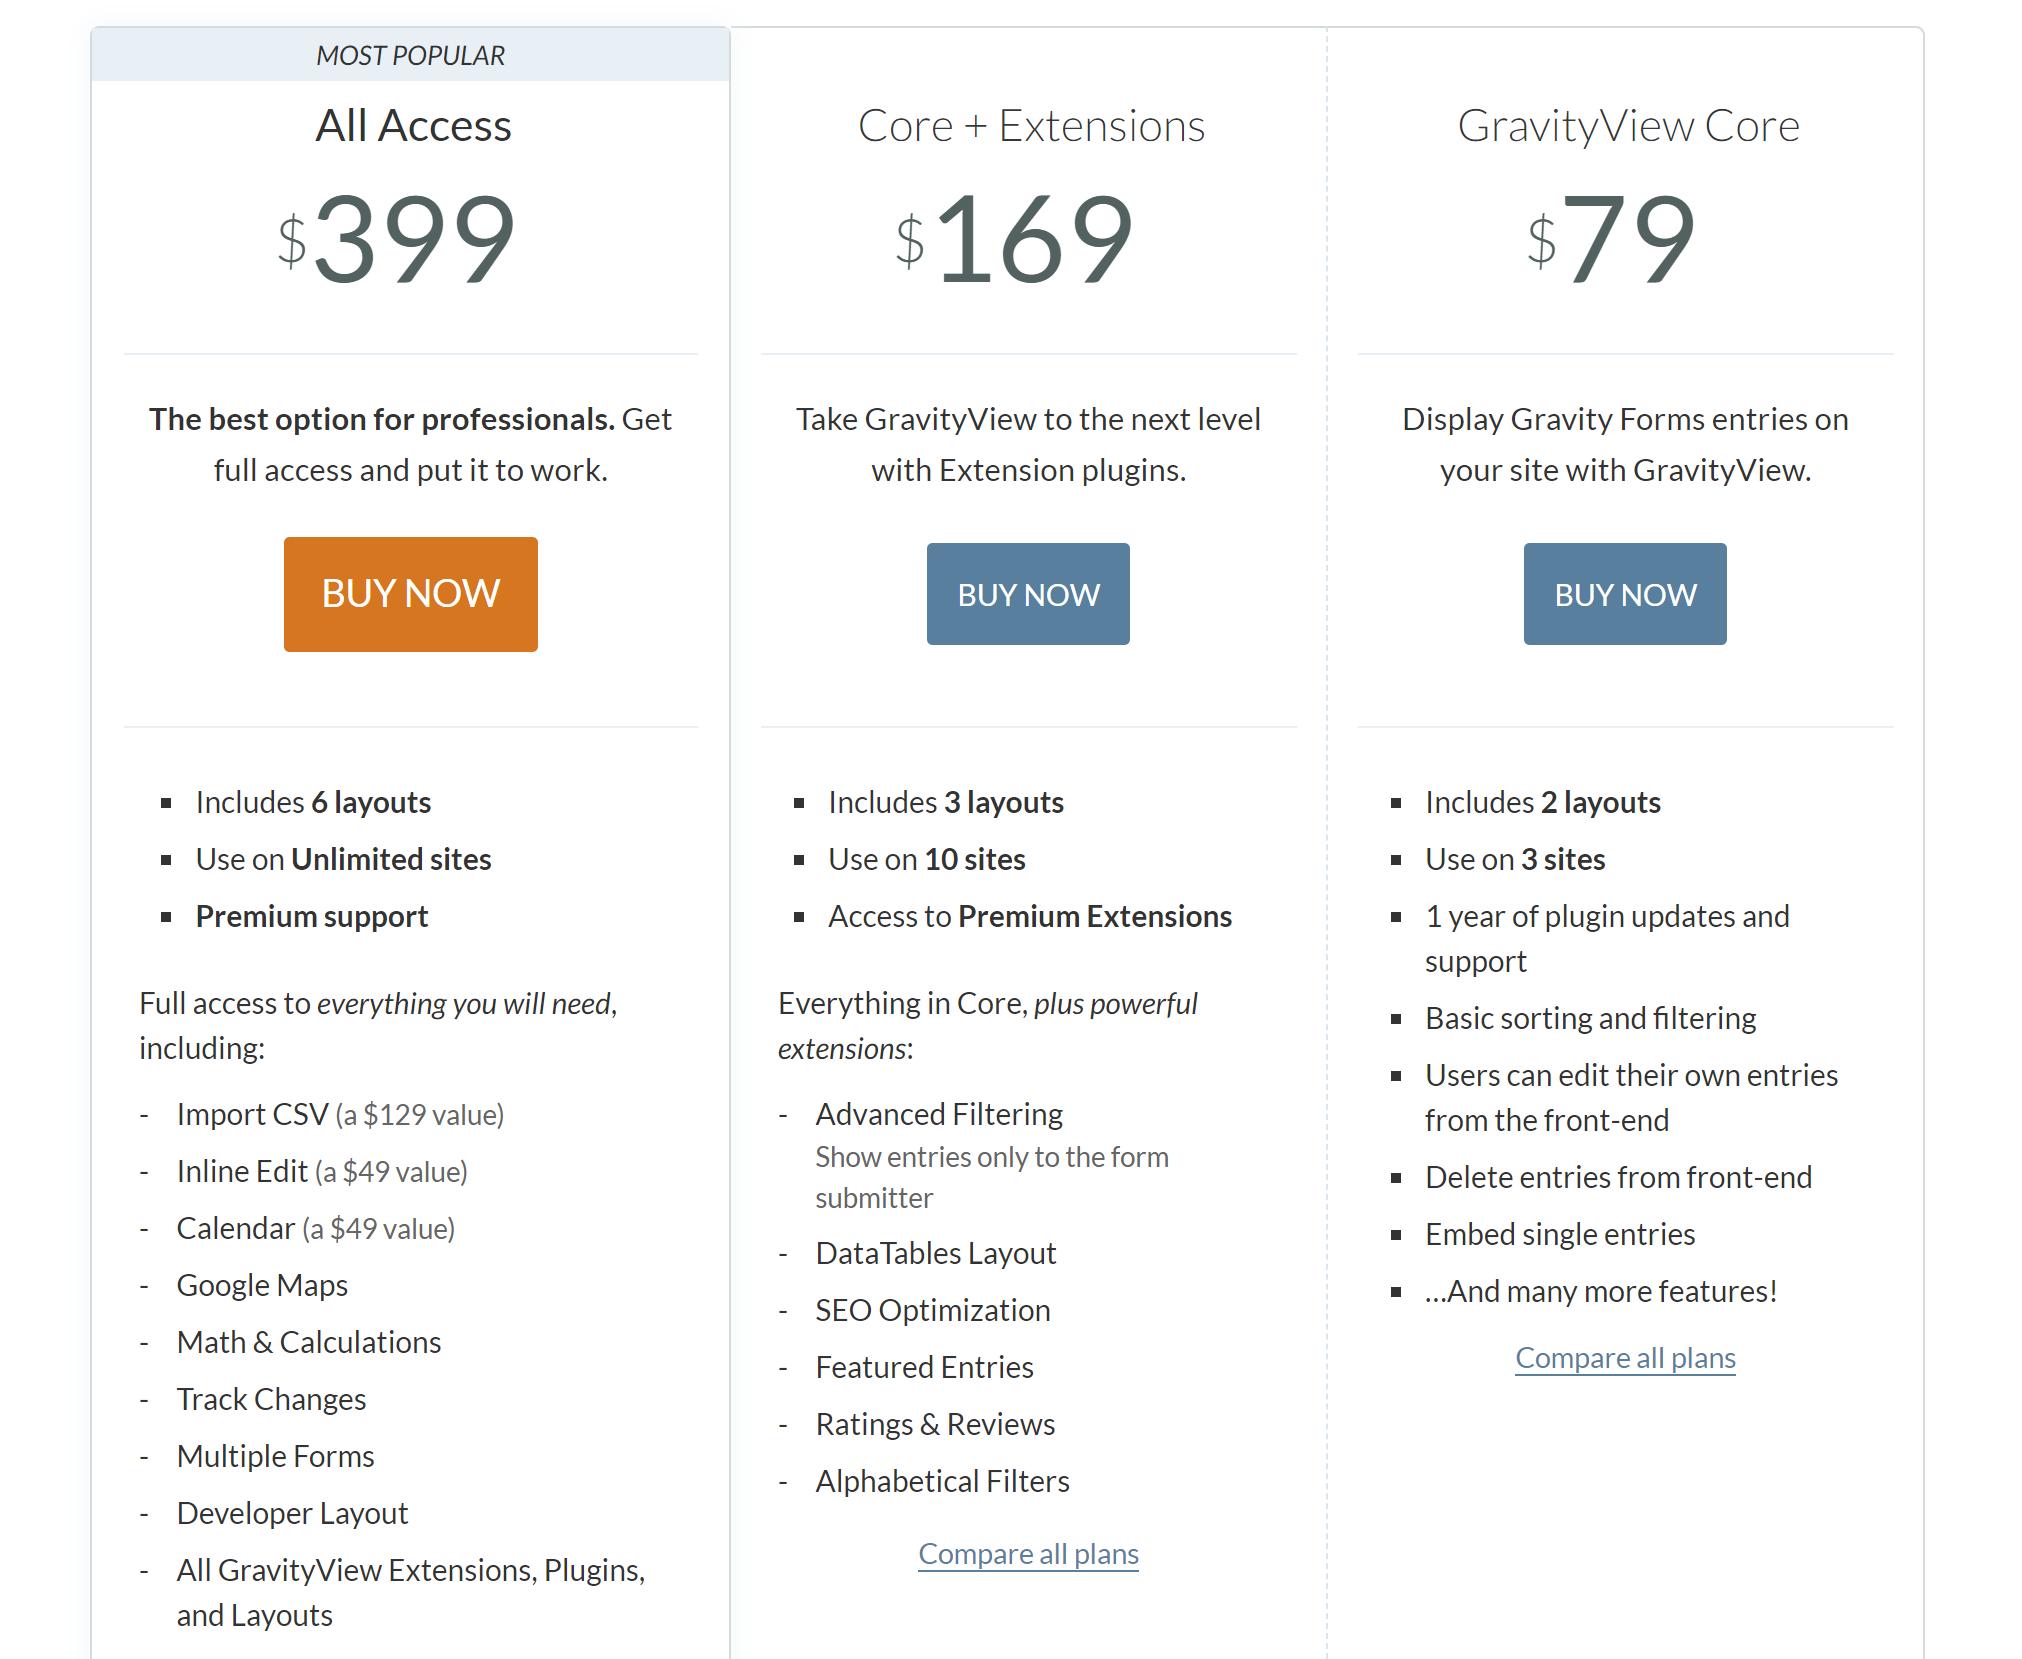 La página de precios para GravityView